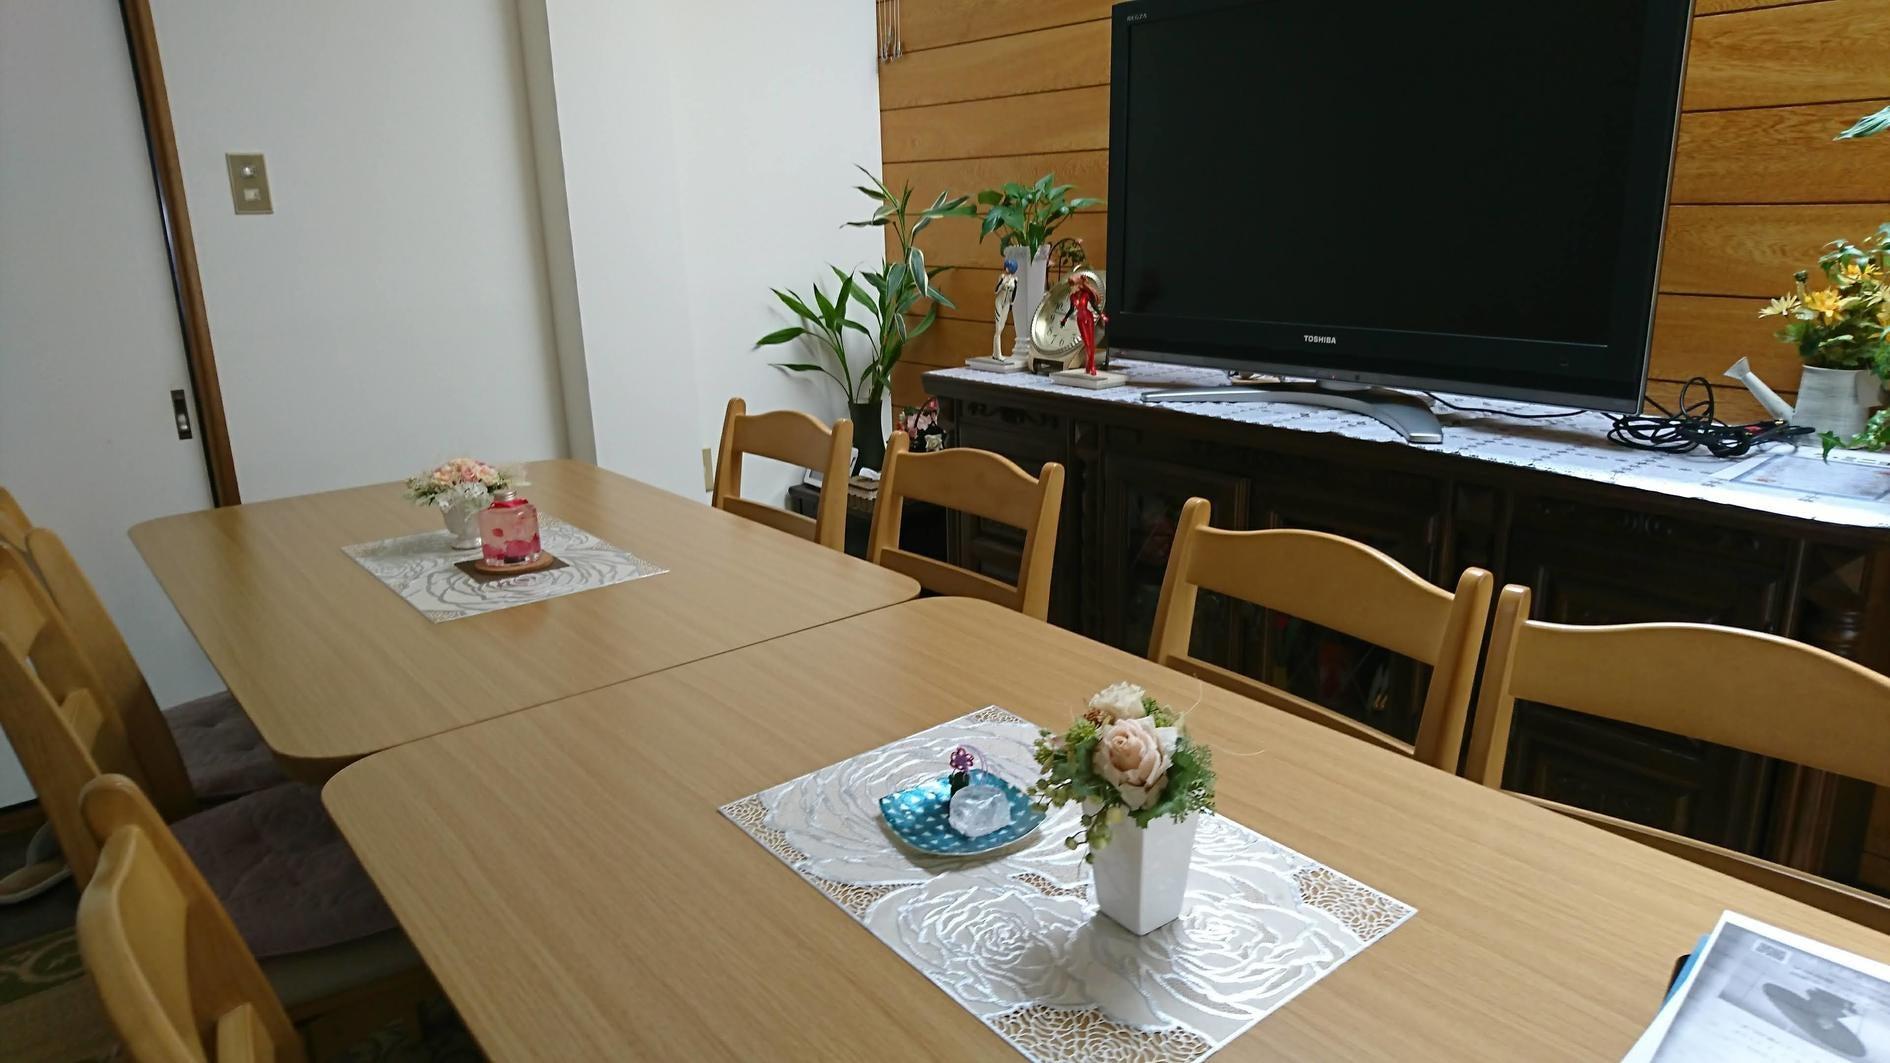 カルチャー教室、会議室をお探しの方へ キッチン付きです。 の写真